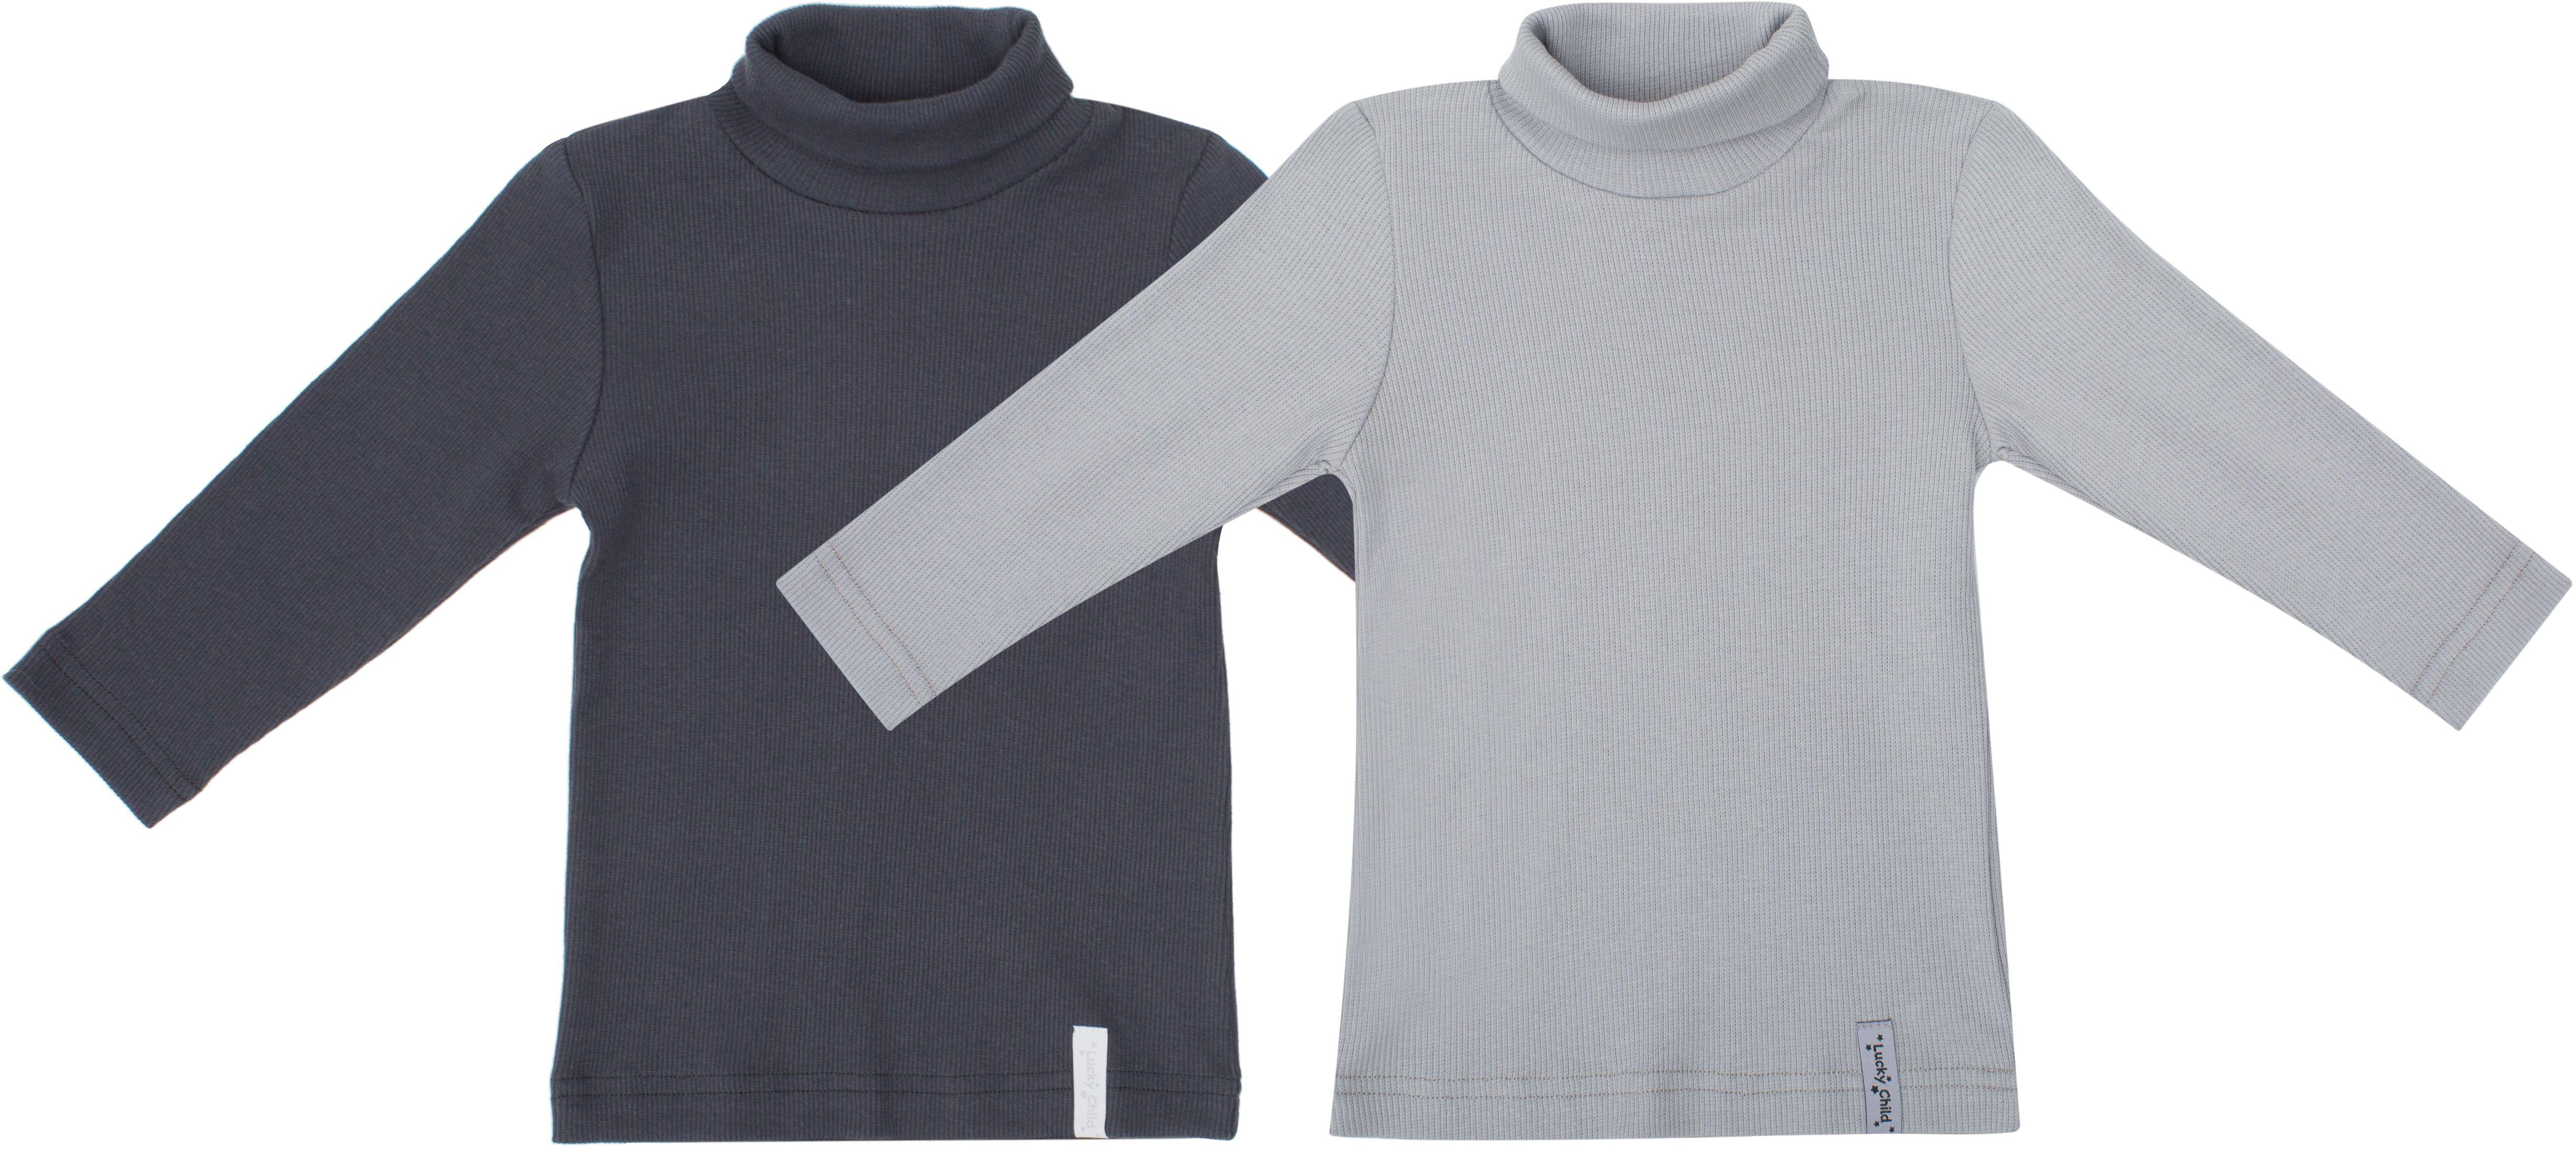 Водолазка для мальчика Lucky Child Дуэт, цвет: серый, темно-серый, 2 шт. 33-23. Размер 80/8633-23Водолазки давно покорили все мировые подиумы. Этот предмет одежды не только стильный, но ещё и функциональный. Водолазки из коллекции Дуэт представлены в двух базовых цветах, их легко сочетать с любой одеждой.